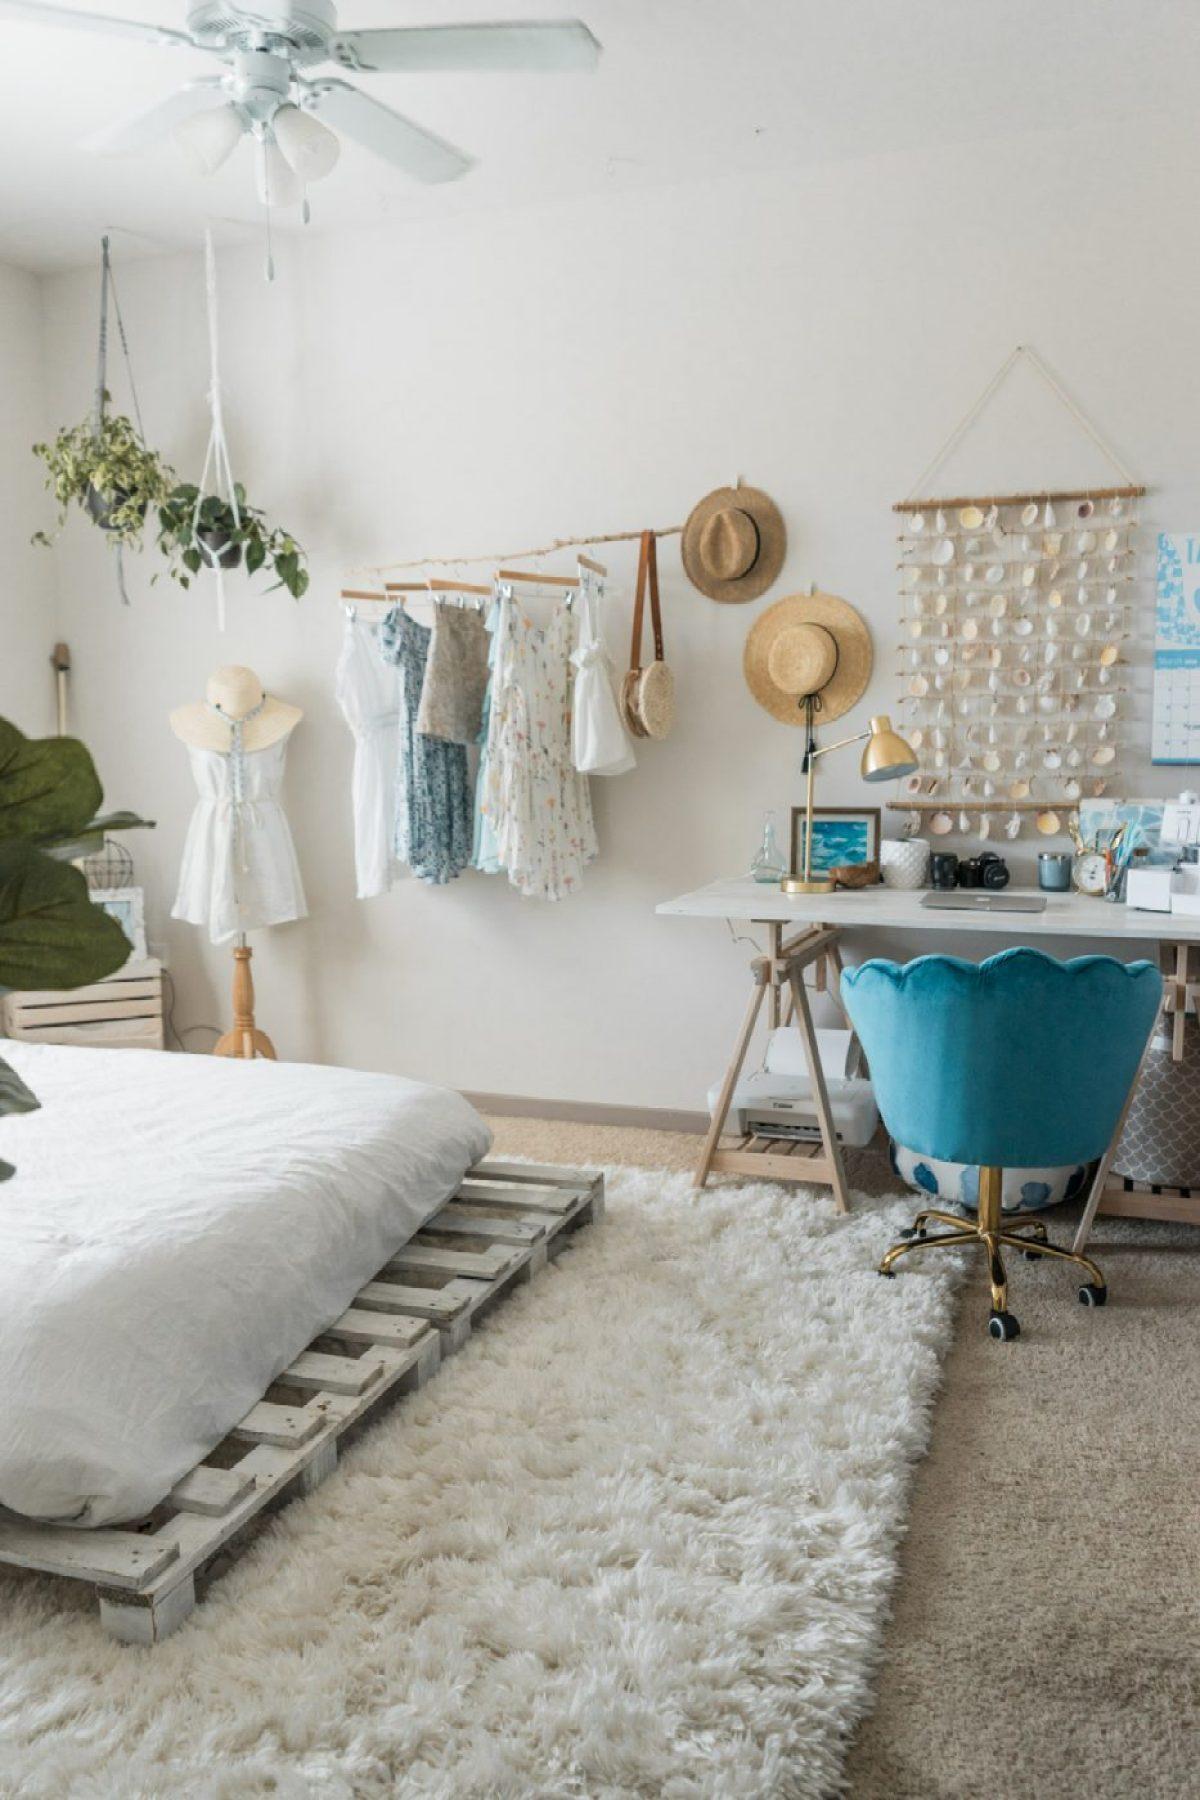 Beachy Boho Bedroom & Office - Sweet Teal